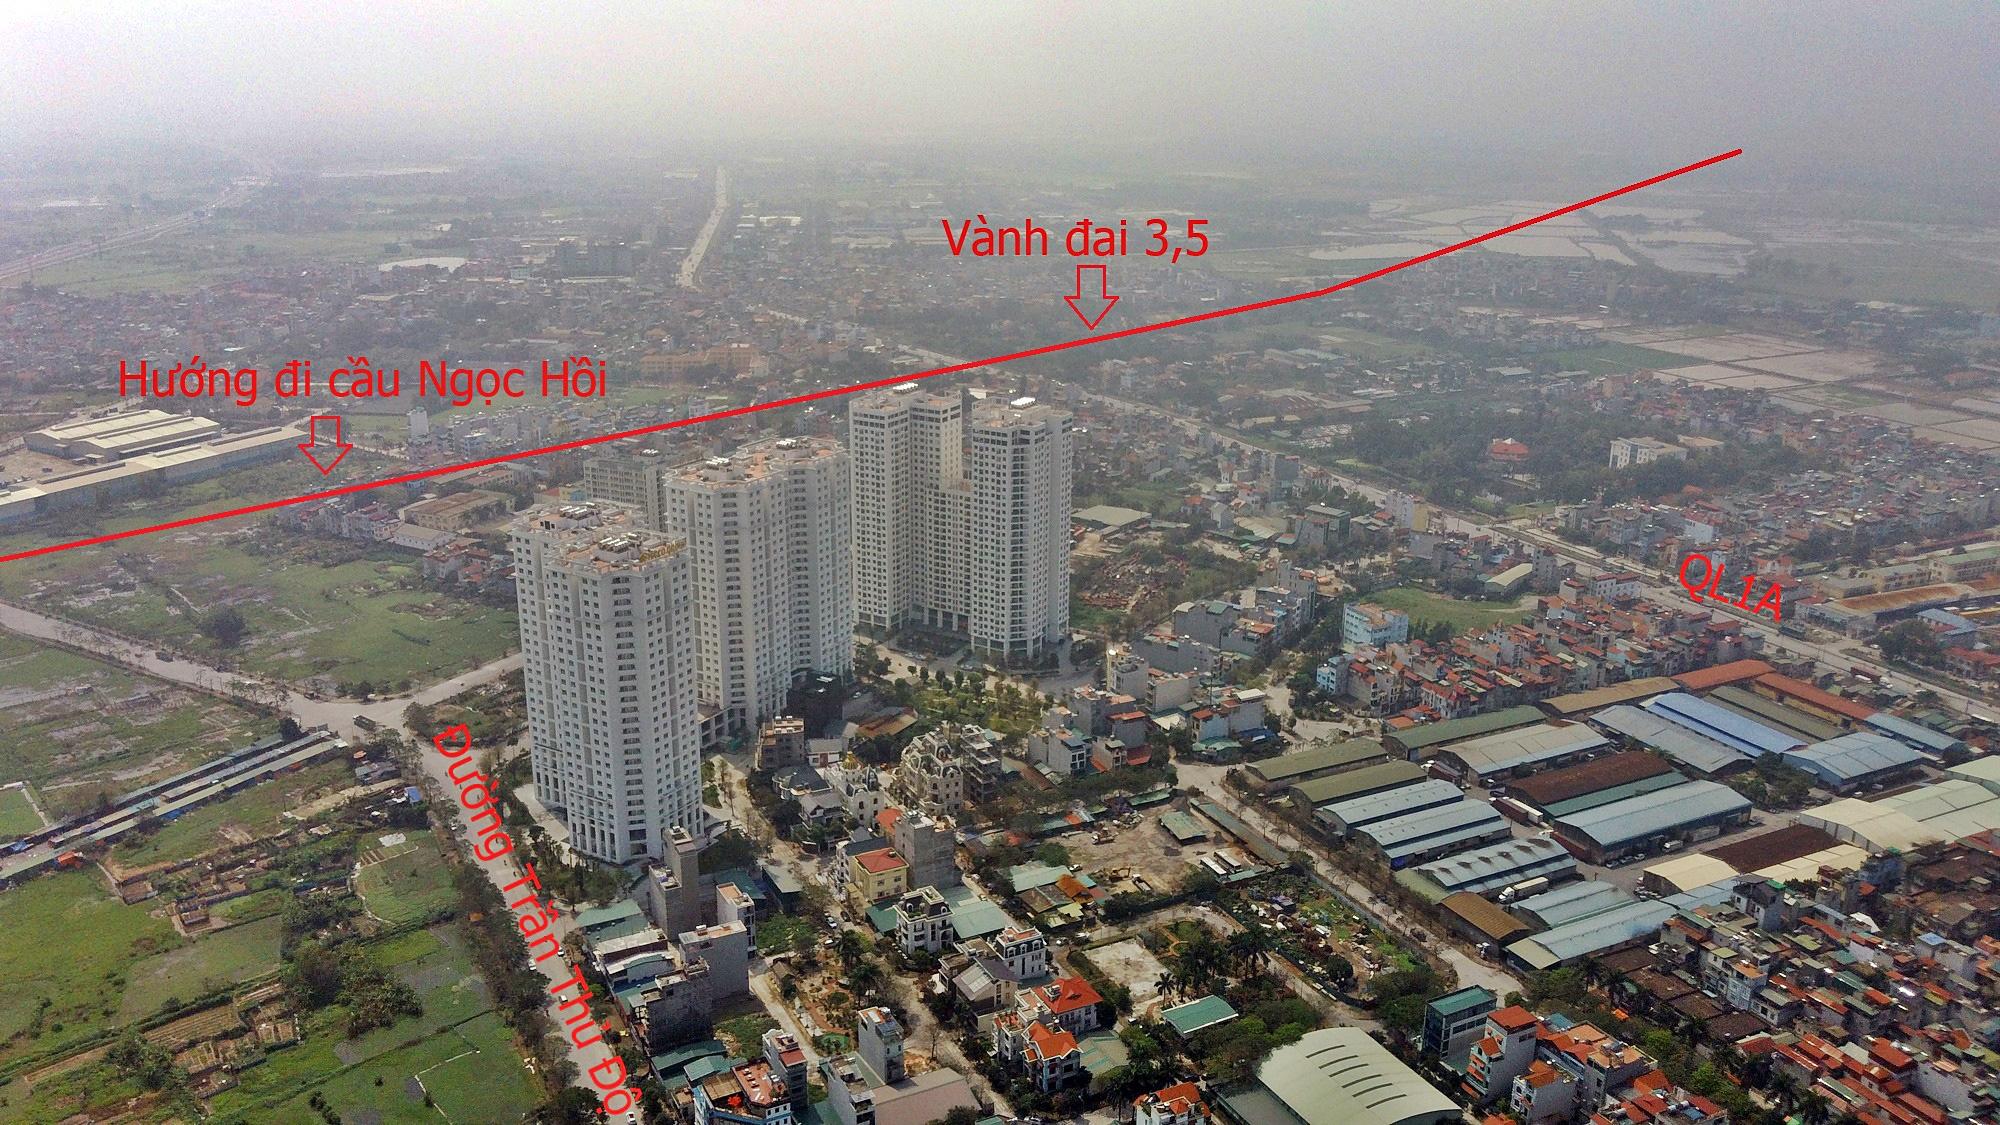 Cầu sẽ mở theo qui hoạch ở Hà Nội: Toàn cảnh cầu Ngọc Hồi nối Hà Nội với Hưng Yên - Ảnh 1.